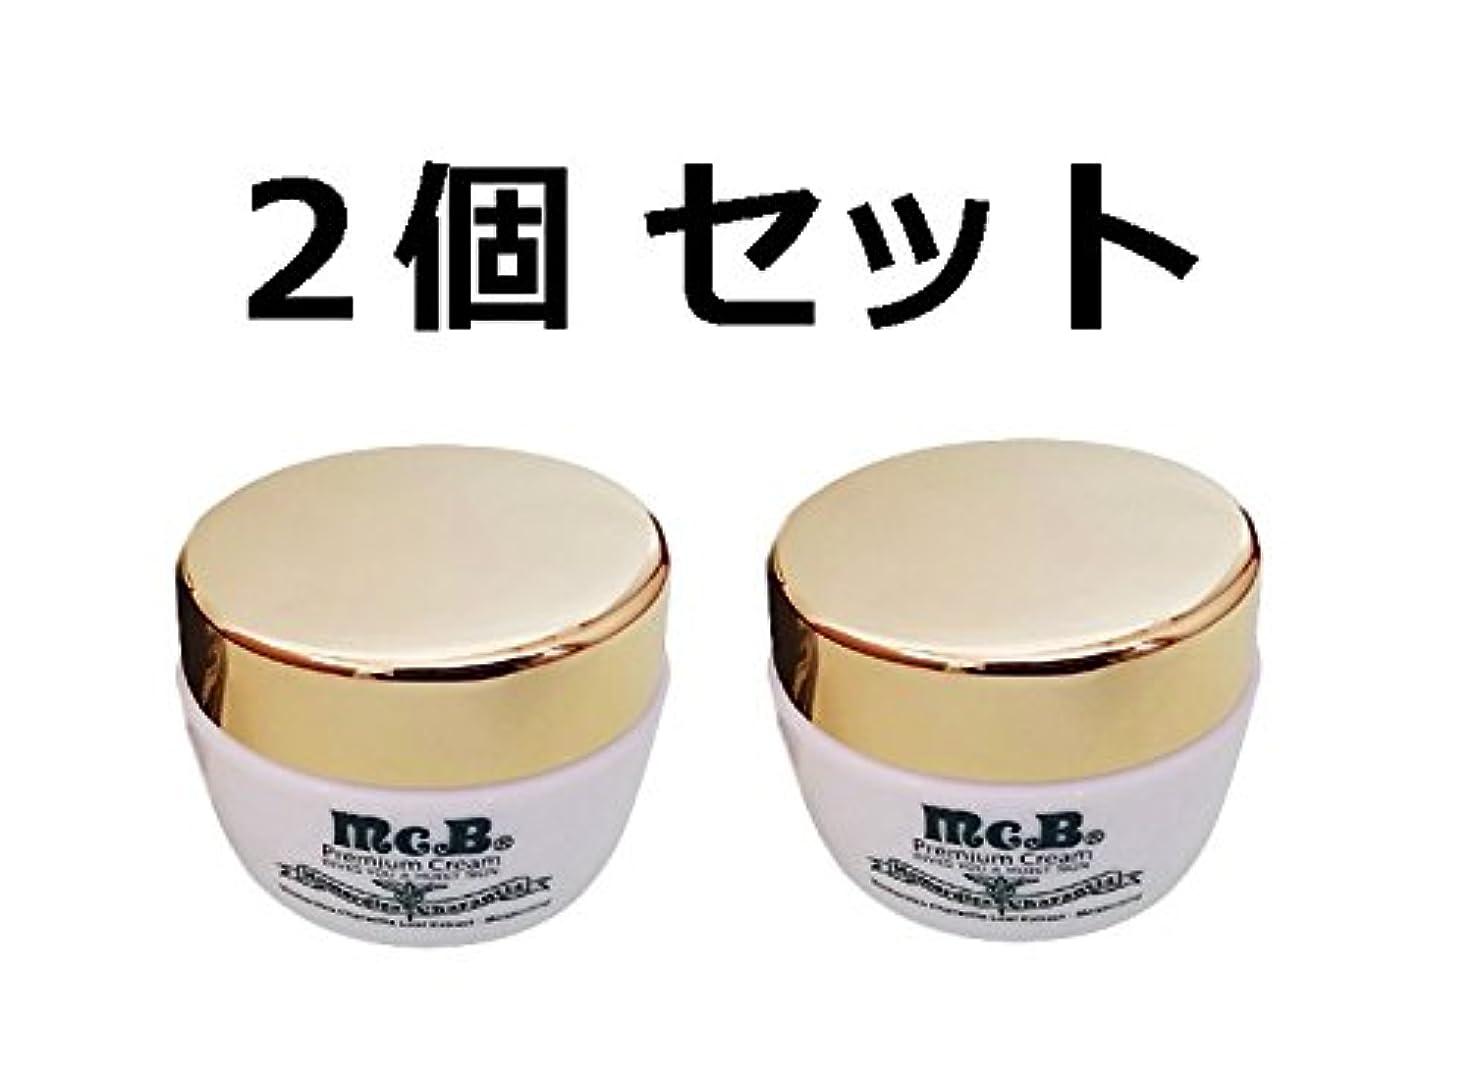 脅威最大限歴史McB マックビー プレミアム クリーム Premium Cream 2個 セット 正規代理店